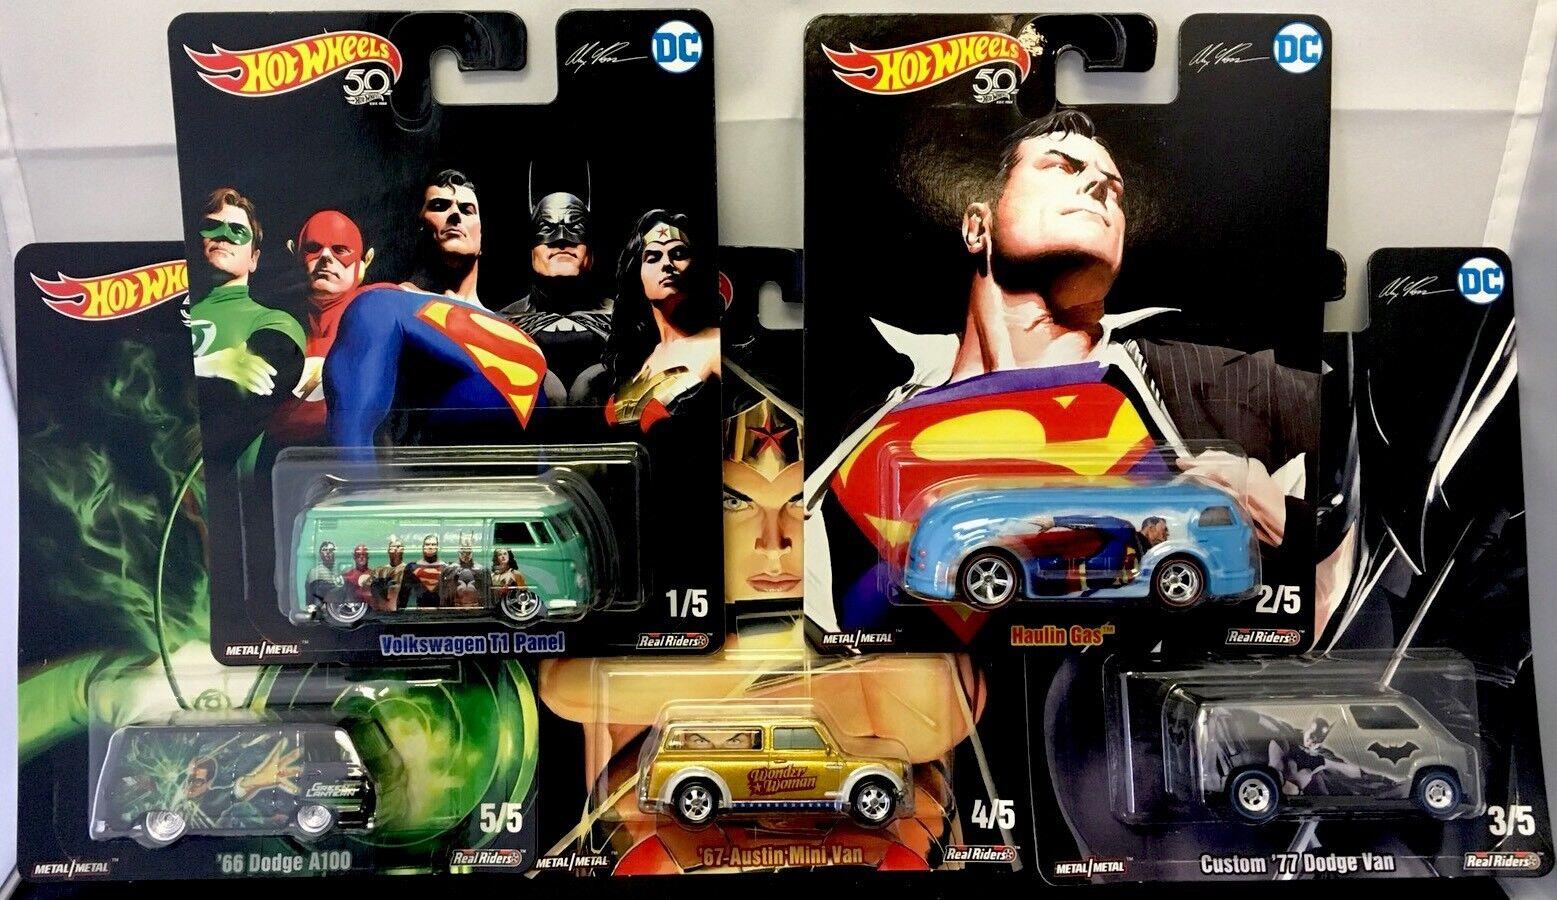 HOT WHEELS 2018 POP CULTURE DC COMICS SUPERMAN BATMAN SET OF 5  ALEX ROSS